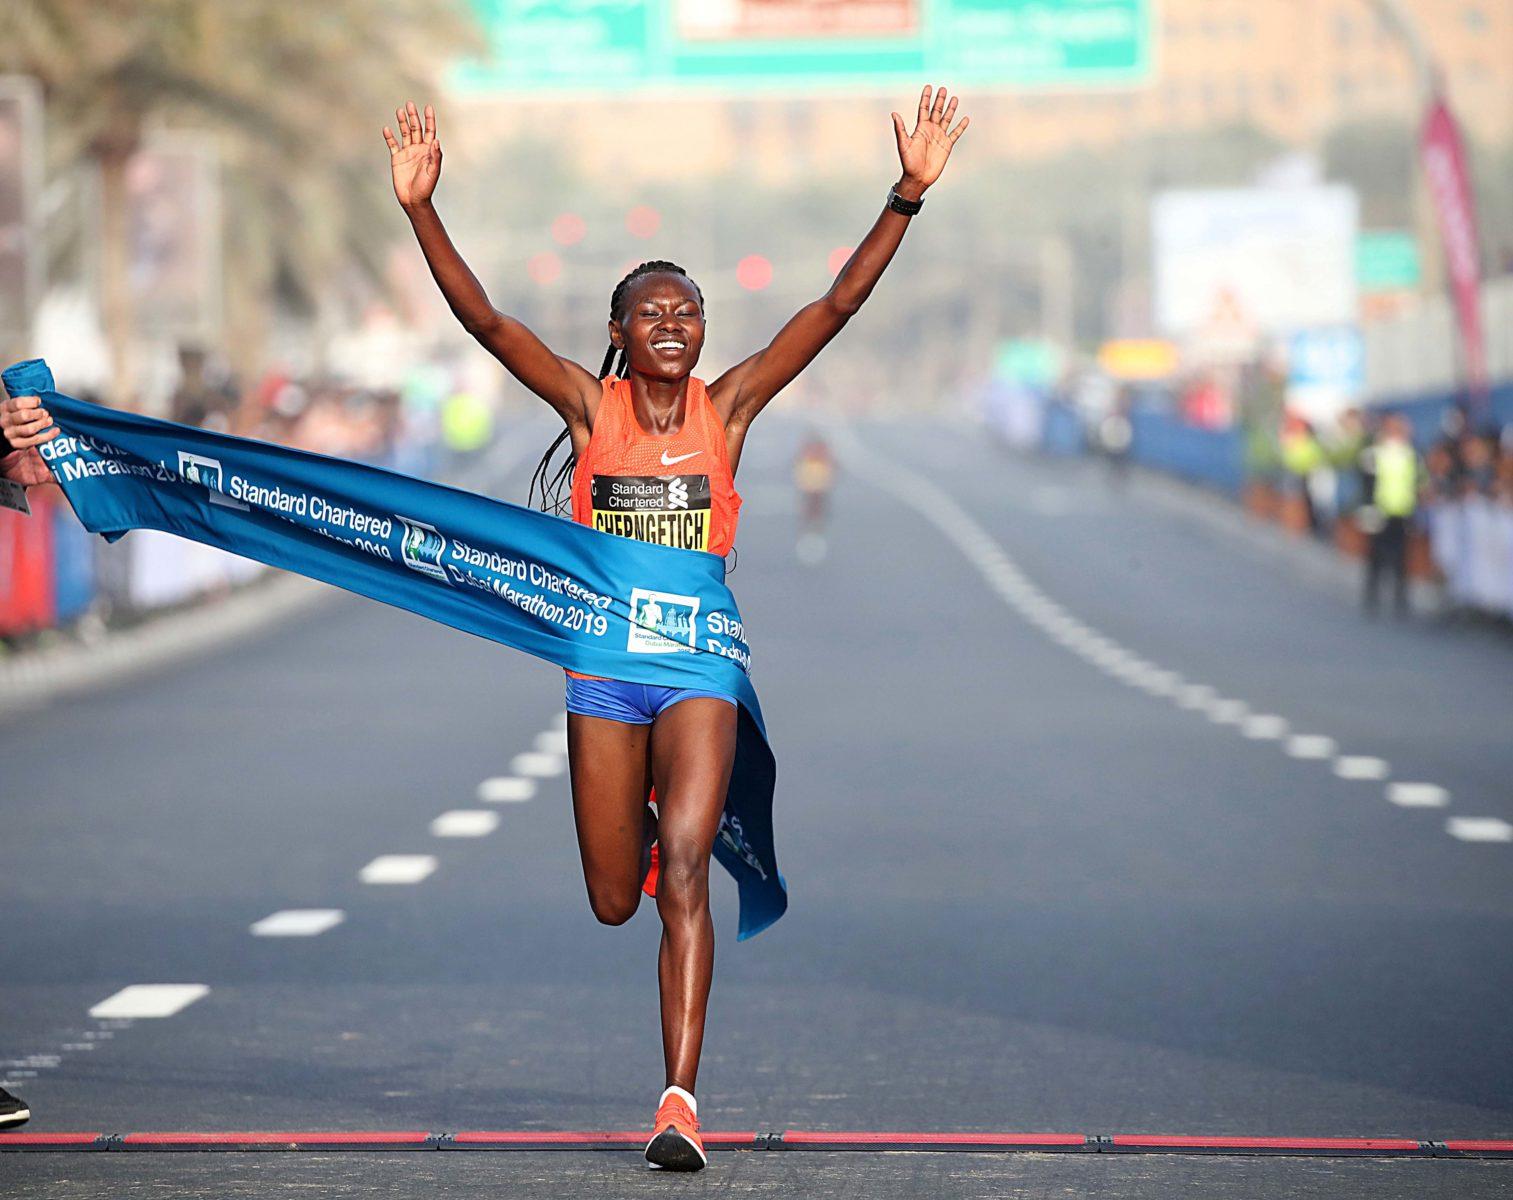 dubai marathon 2019 women